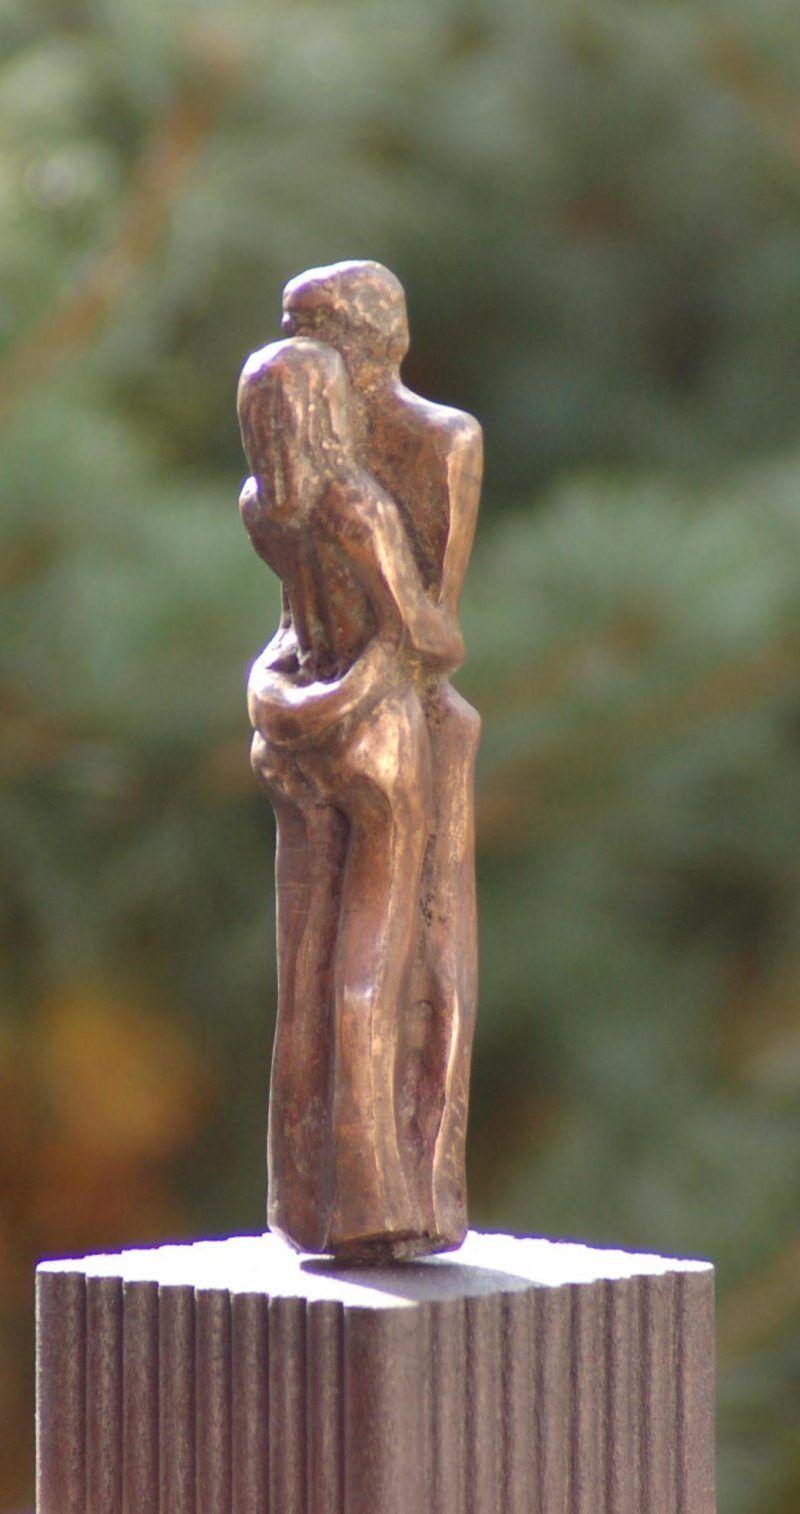 Full Size of Gartenfiguren Aus Steinguss Statuen Gartenskulptur Gartenskulpturen Stein Edelstahl Antik Modern Moderne Buddha Kaufen Eine Jahrelange Tradition Bad Wohnzimmer Gartenskulpturen Stein